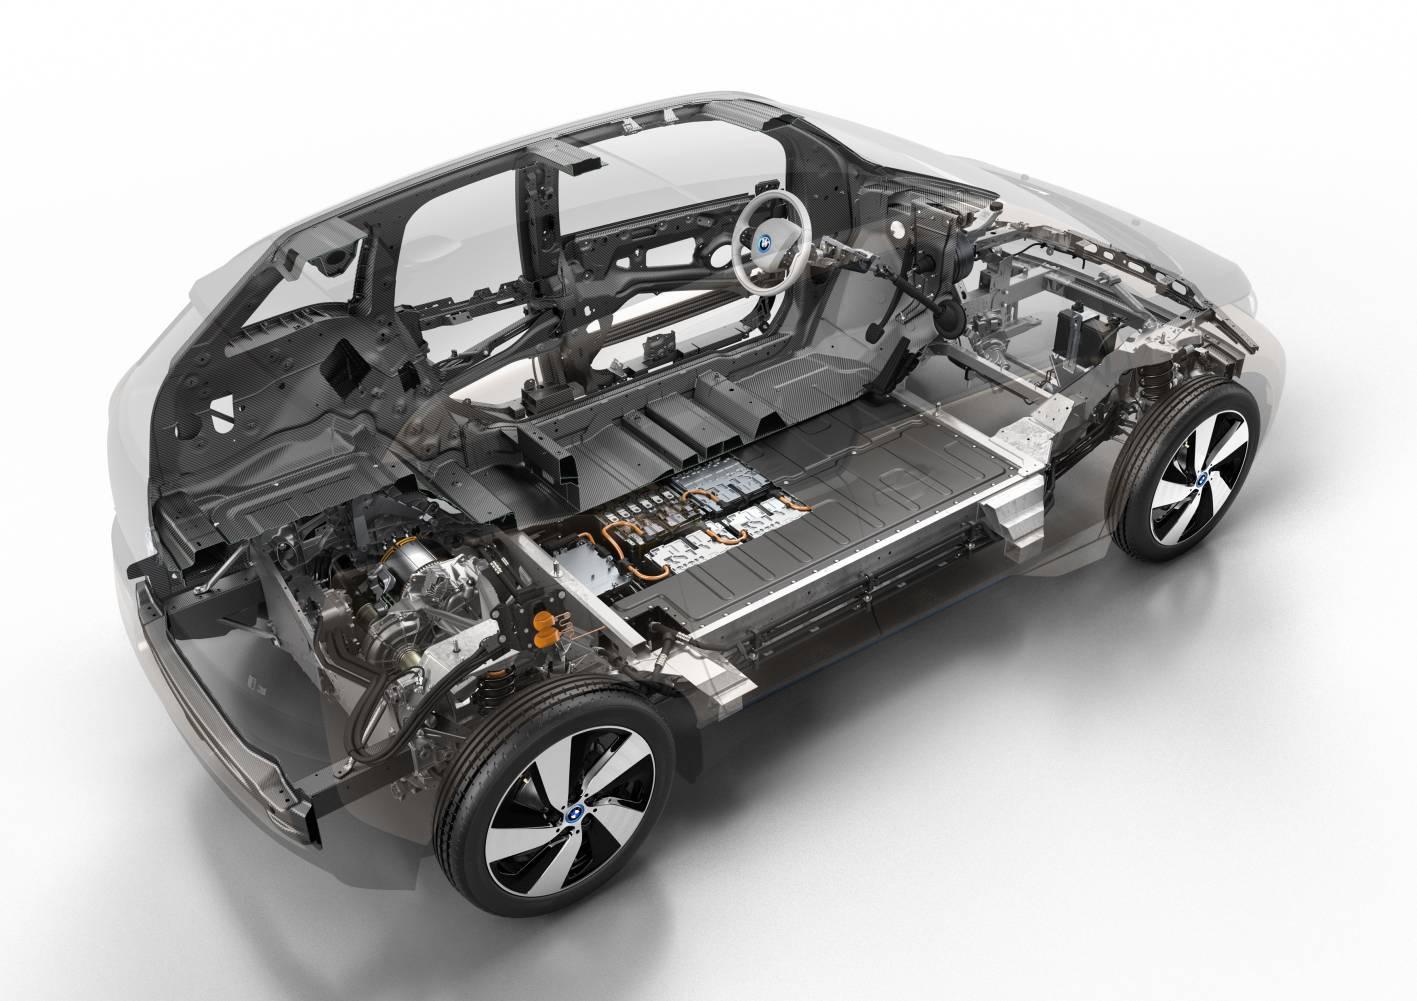 Bmw I3 Lease >> BMW Cars - News: i3 - BMW's first electric car